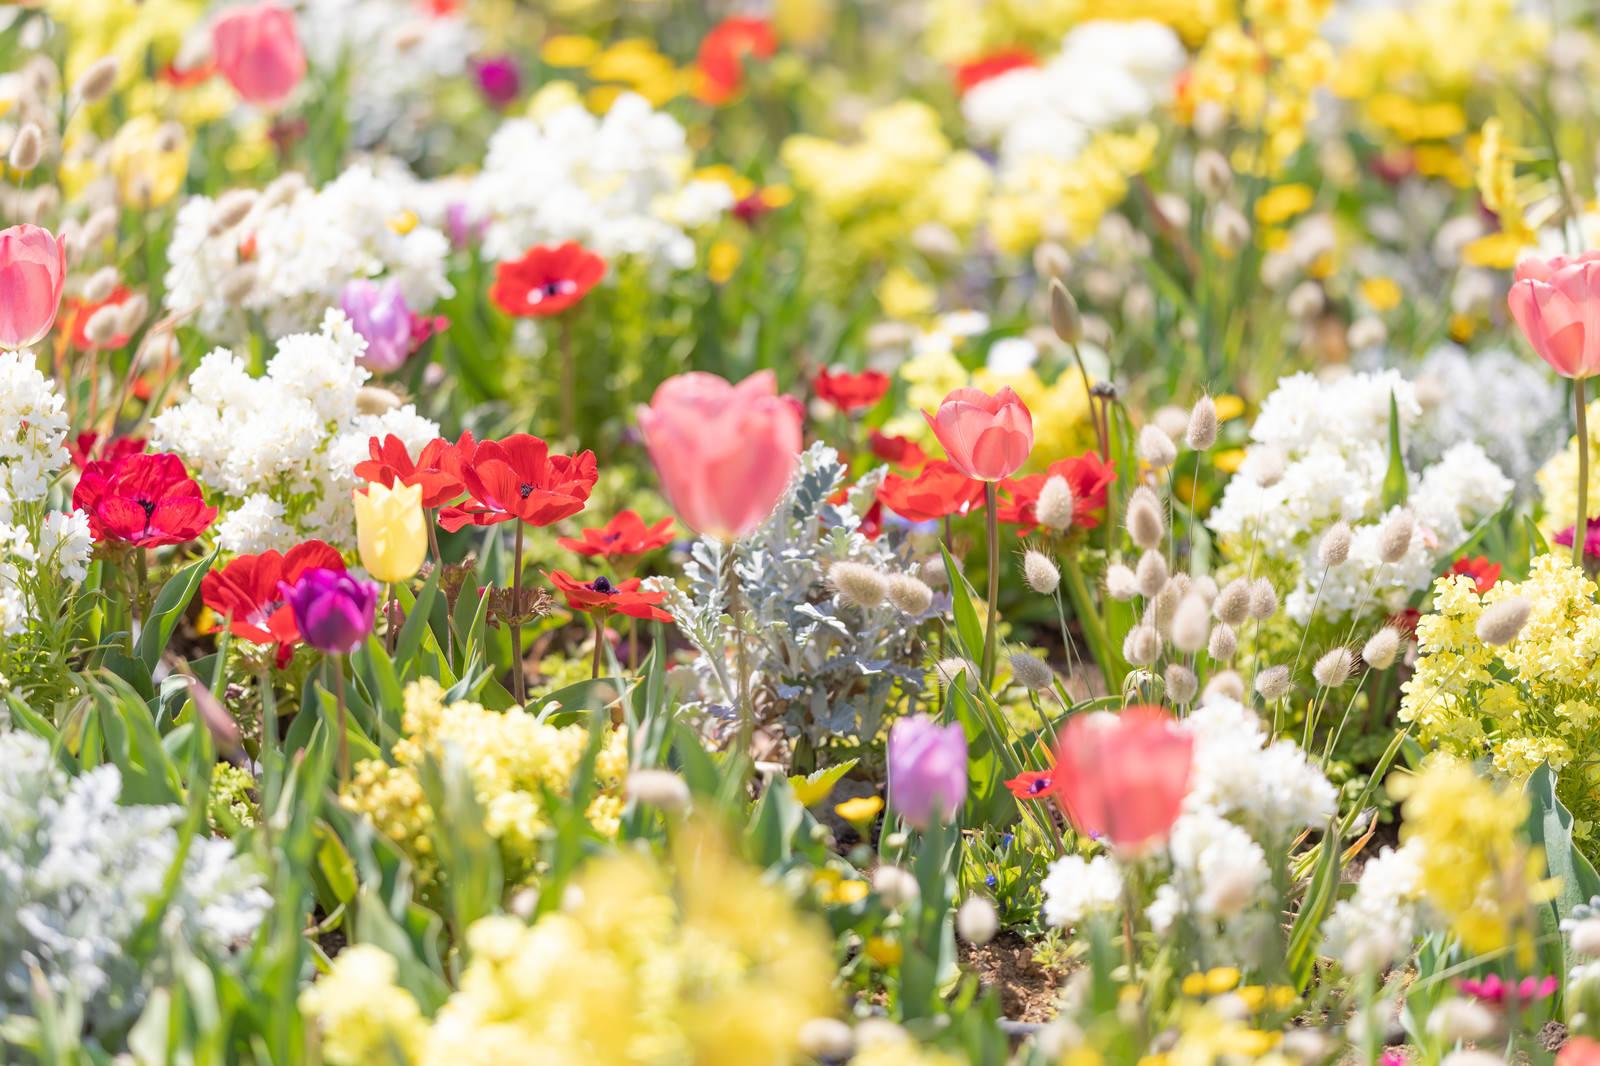 「春爛漫の様子」の写真